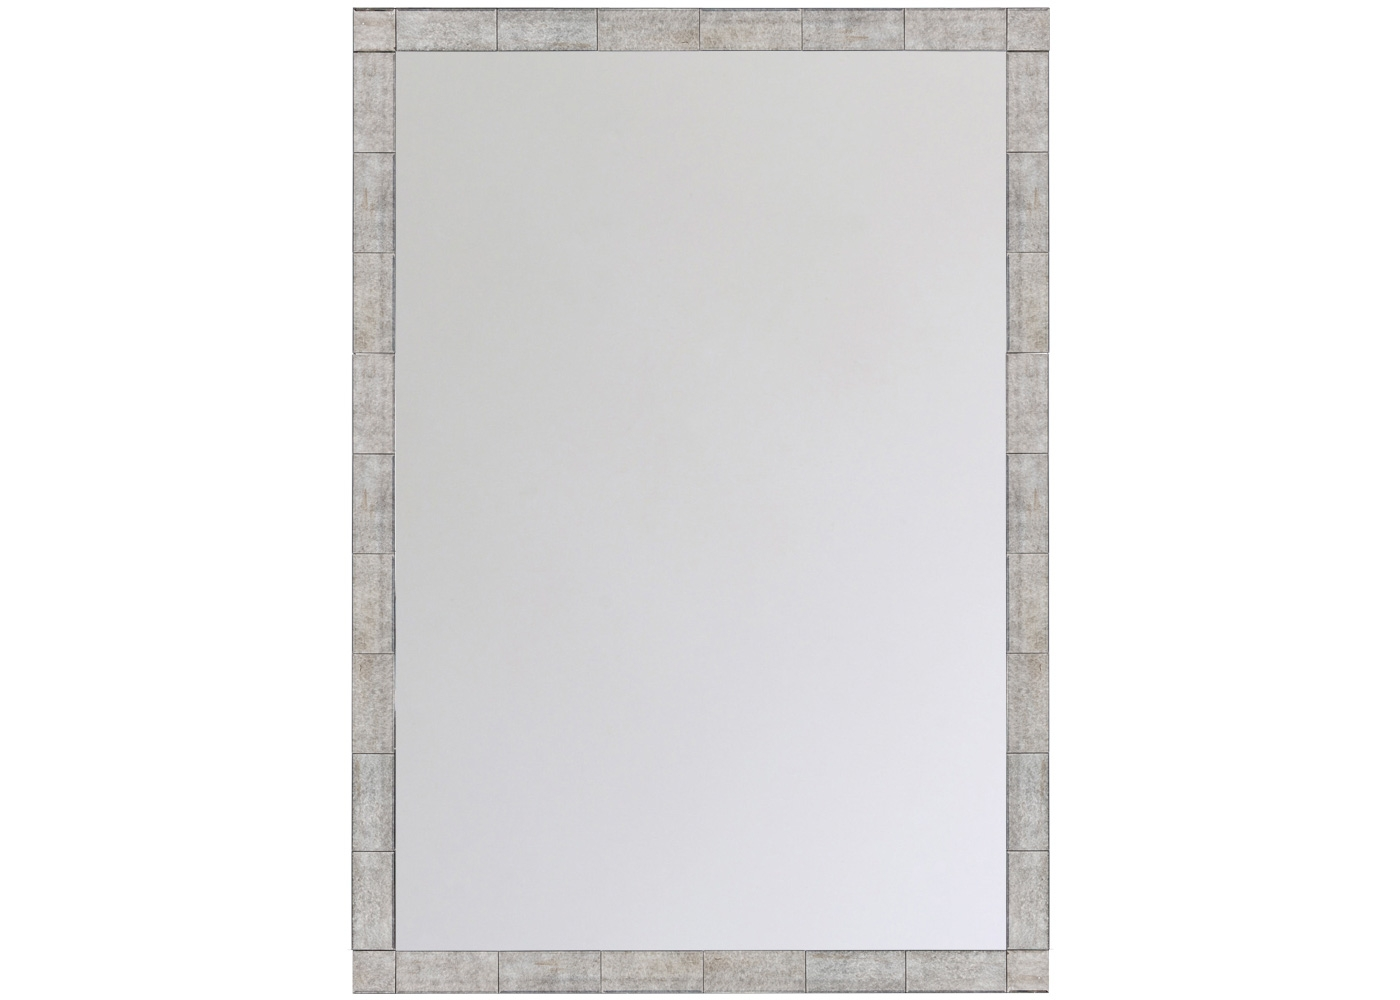 Настенное зеркало «Жаклин»Настенные зеркала<br>Авангардное дизайнерское зеркало &amp;quot;Жаклин&amp;quot; происходит из старинной венецианской школы, покрывшей зеркальным слоем полную поверхность, включая раму. Обладая роскошным размером, это зеркало преображает пространства светом и простором. Его стилистические рамки не менее обширны. Прямая форма ответит любителям постмодерна. В сочетании с зеркальной поверхностью, она станет главным украшением интерьеров &amp;quot;хай-тек&amp;quot;. Прямоугольная кладка рамы угодит греческому и кельтскому стилям, для которых рама слегка состарена.<br><br>Material: МДФ<br>Ширина см: 122.0<br>Высота см: 173.0<br>Глубина см: 3.5